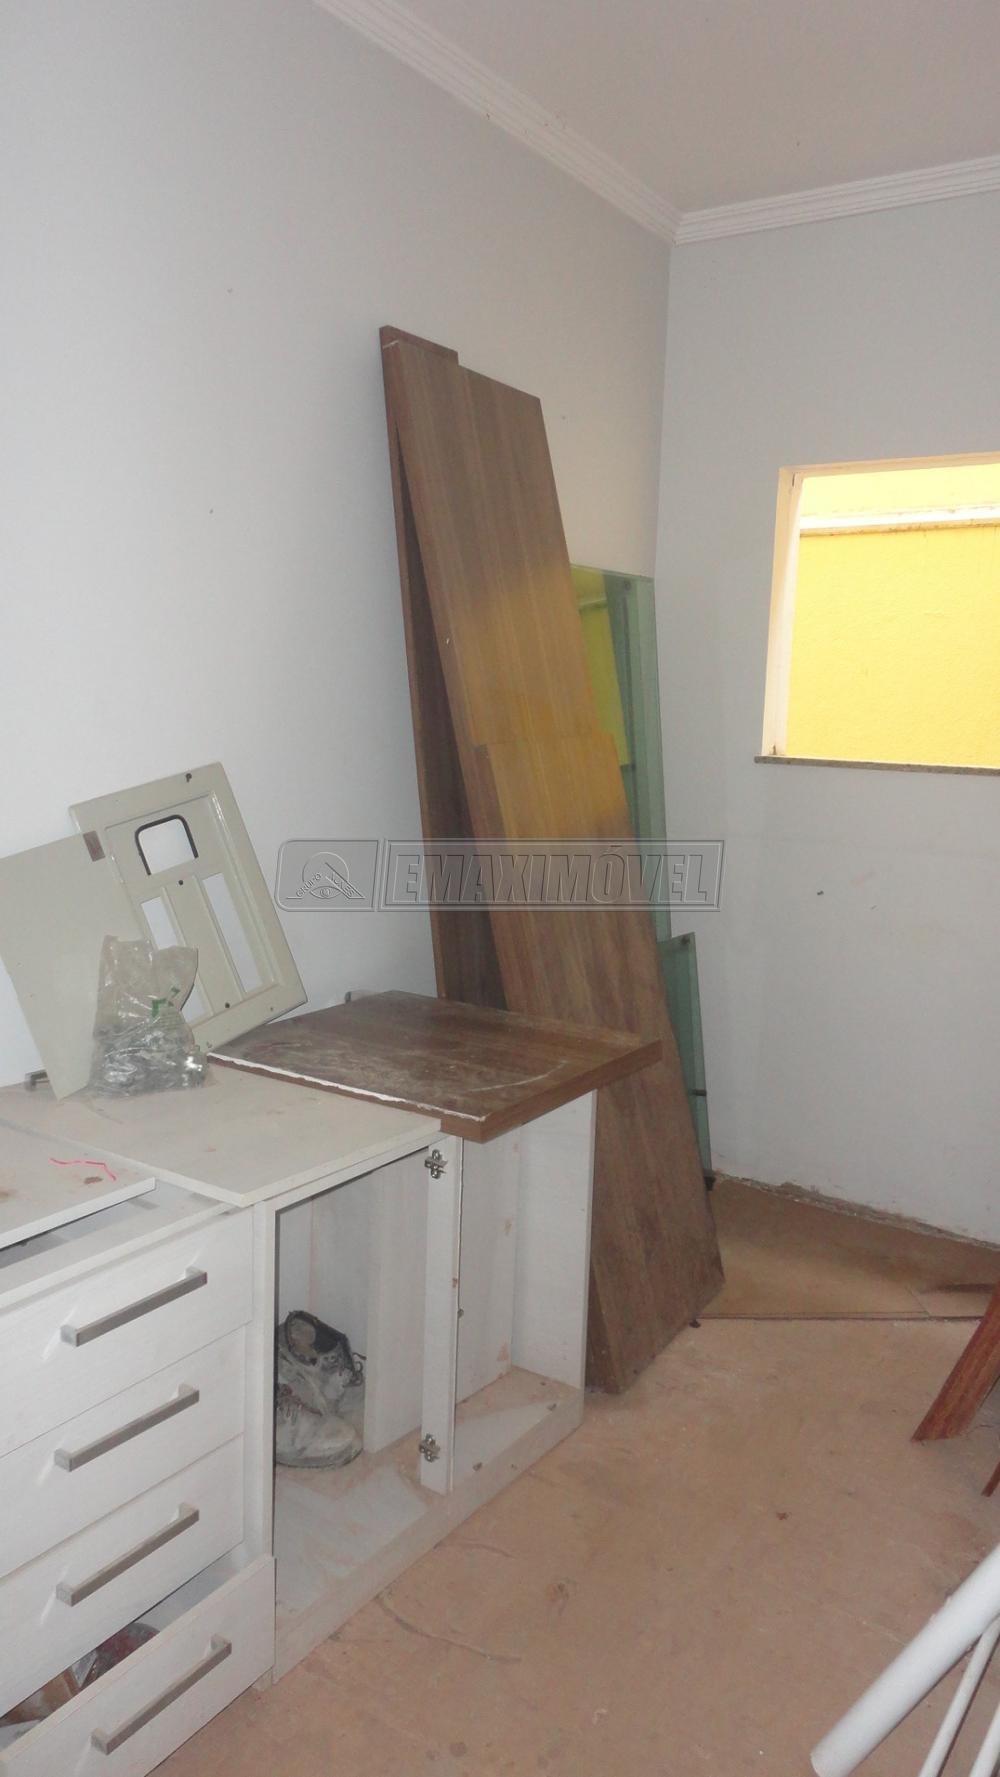 Comprar Casas / em Condomínios em Sorocaba apenas R$ 900.000,00 - Foto 6